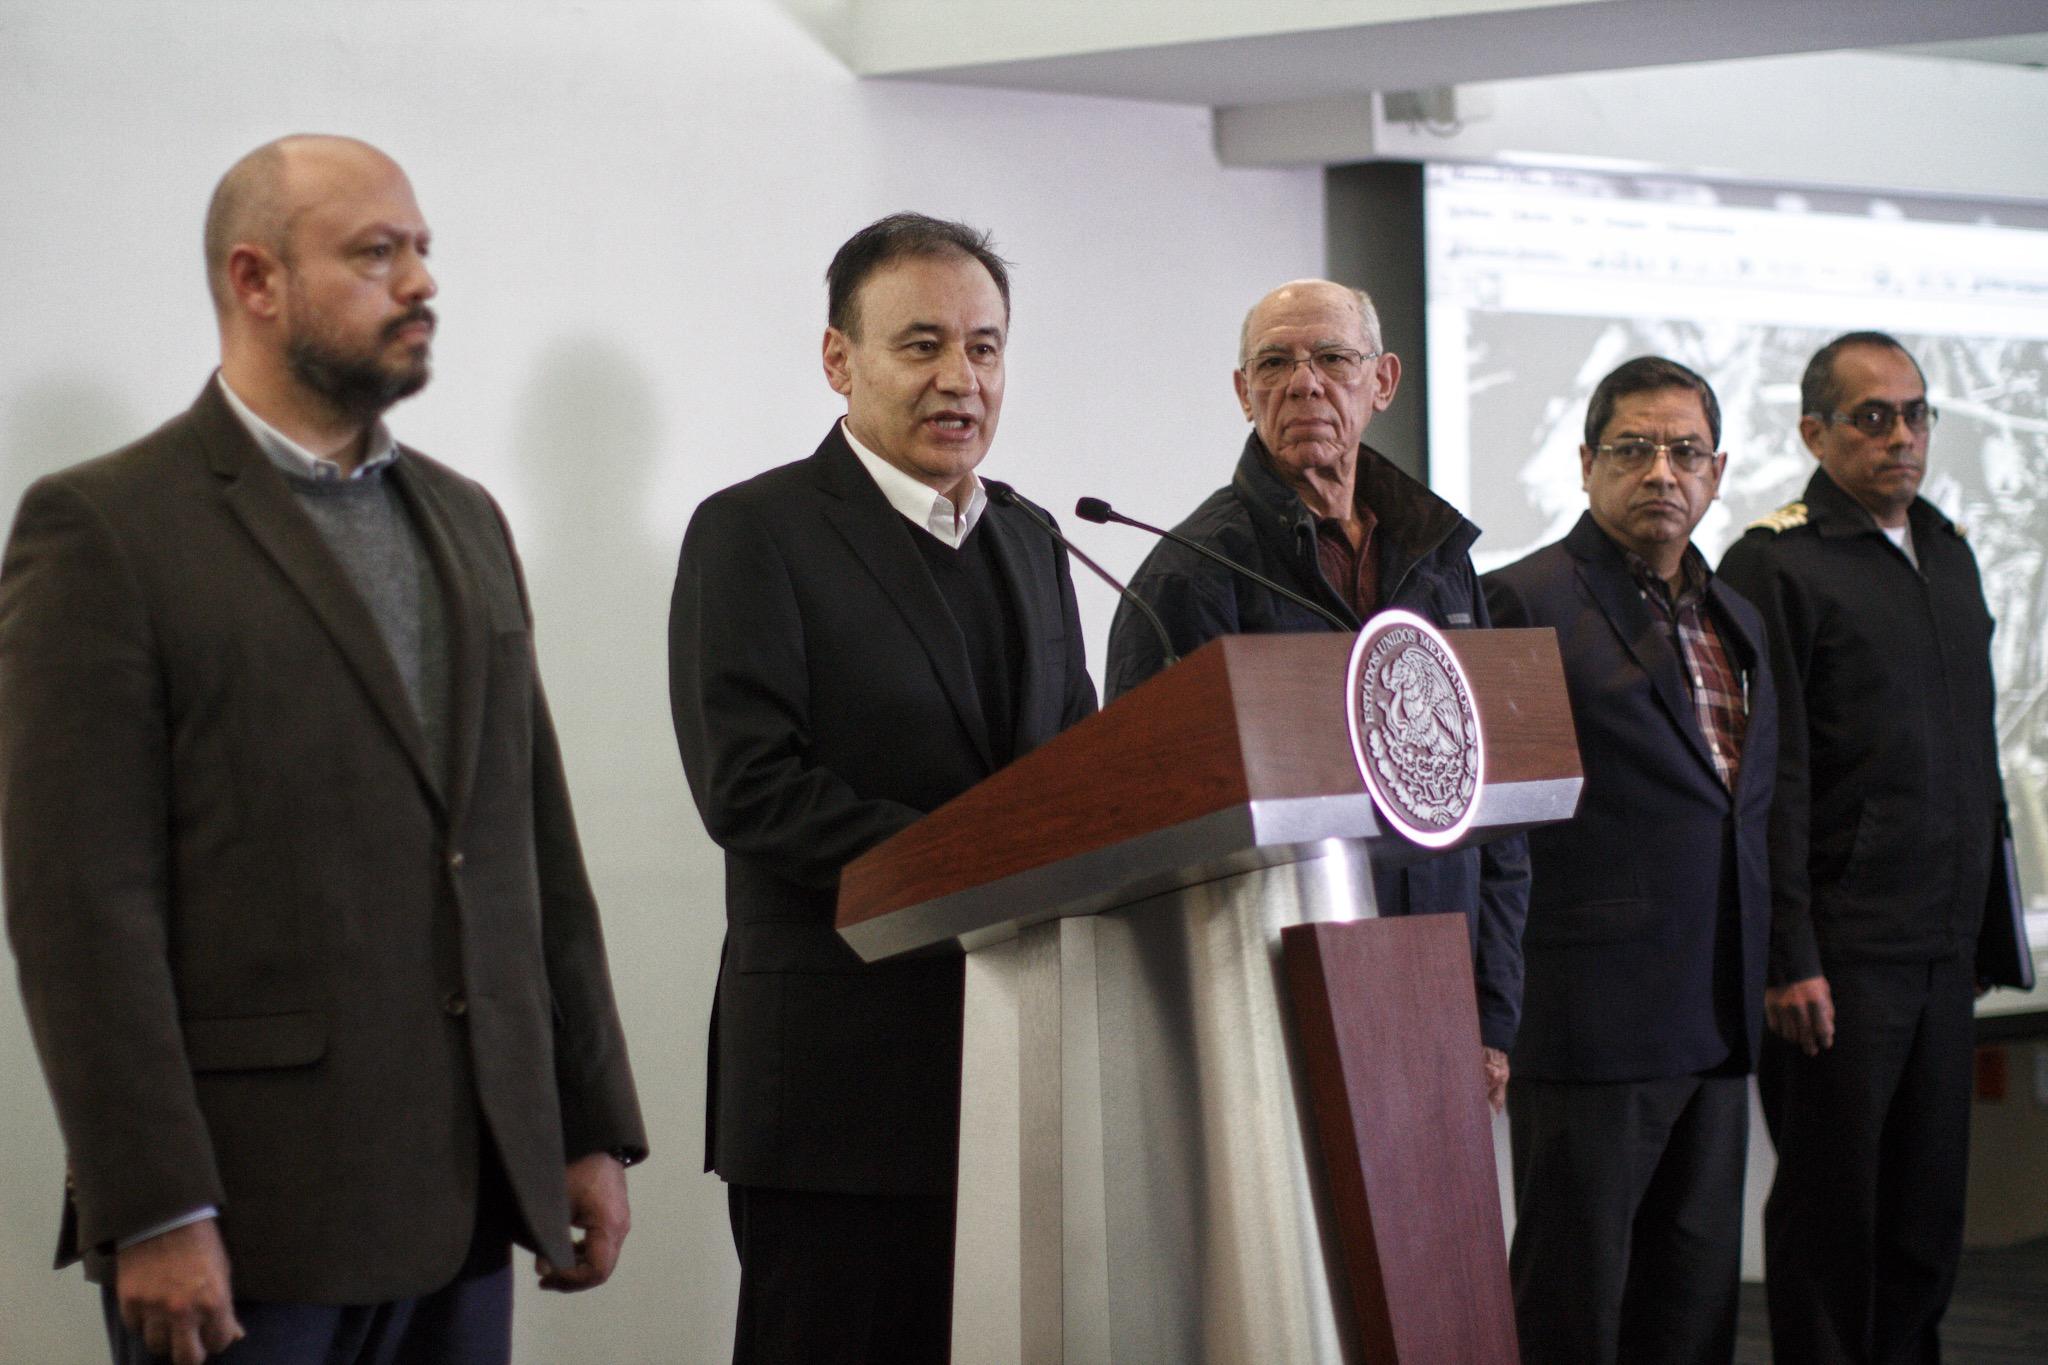 Durazo, en conferencia de prensa sobre el accidente aéreo y fallecimiento de la gobernadora de Puebla y Rafael Moreno Valle